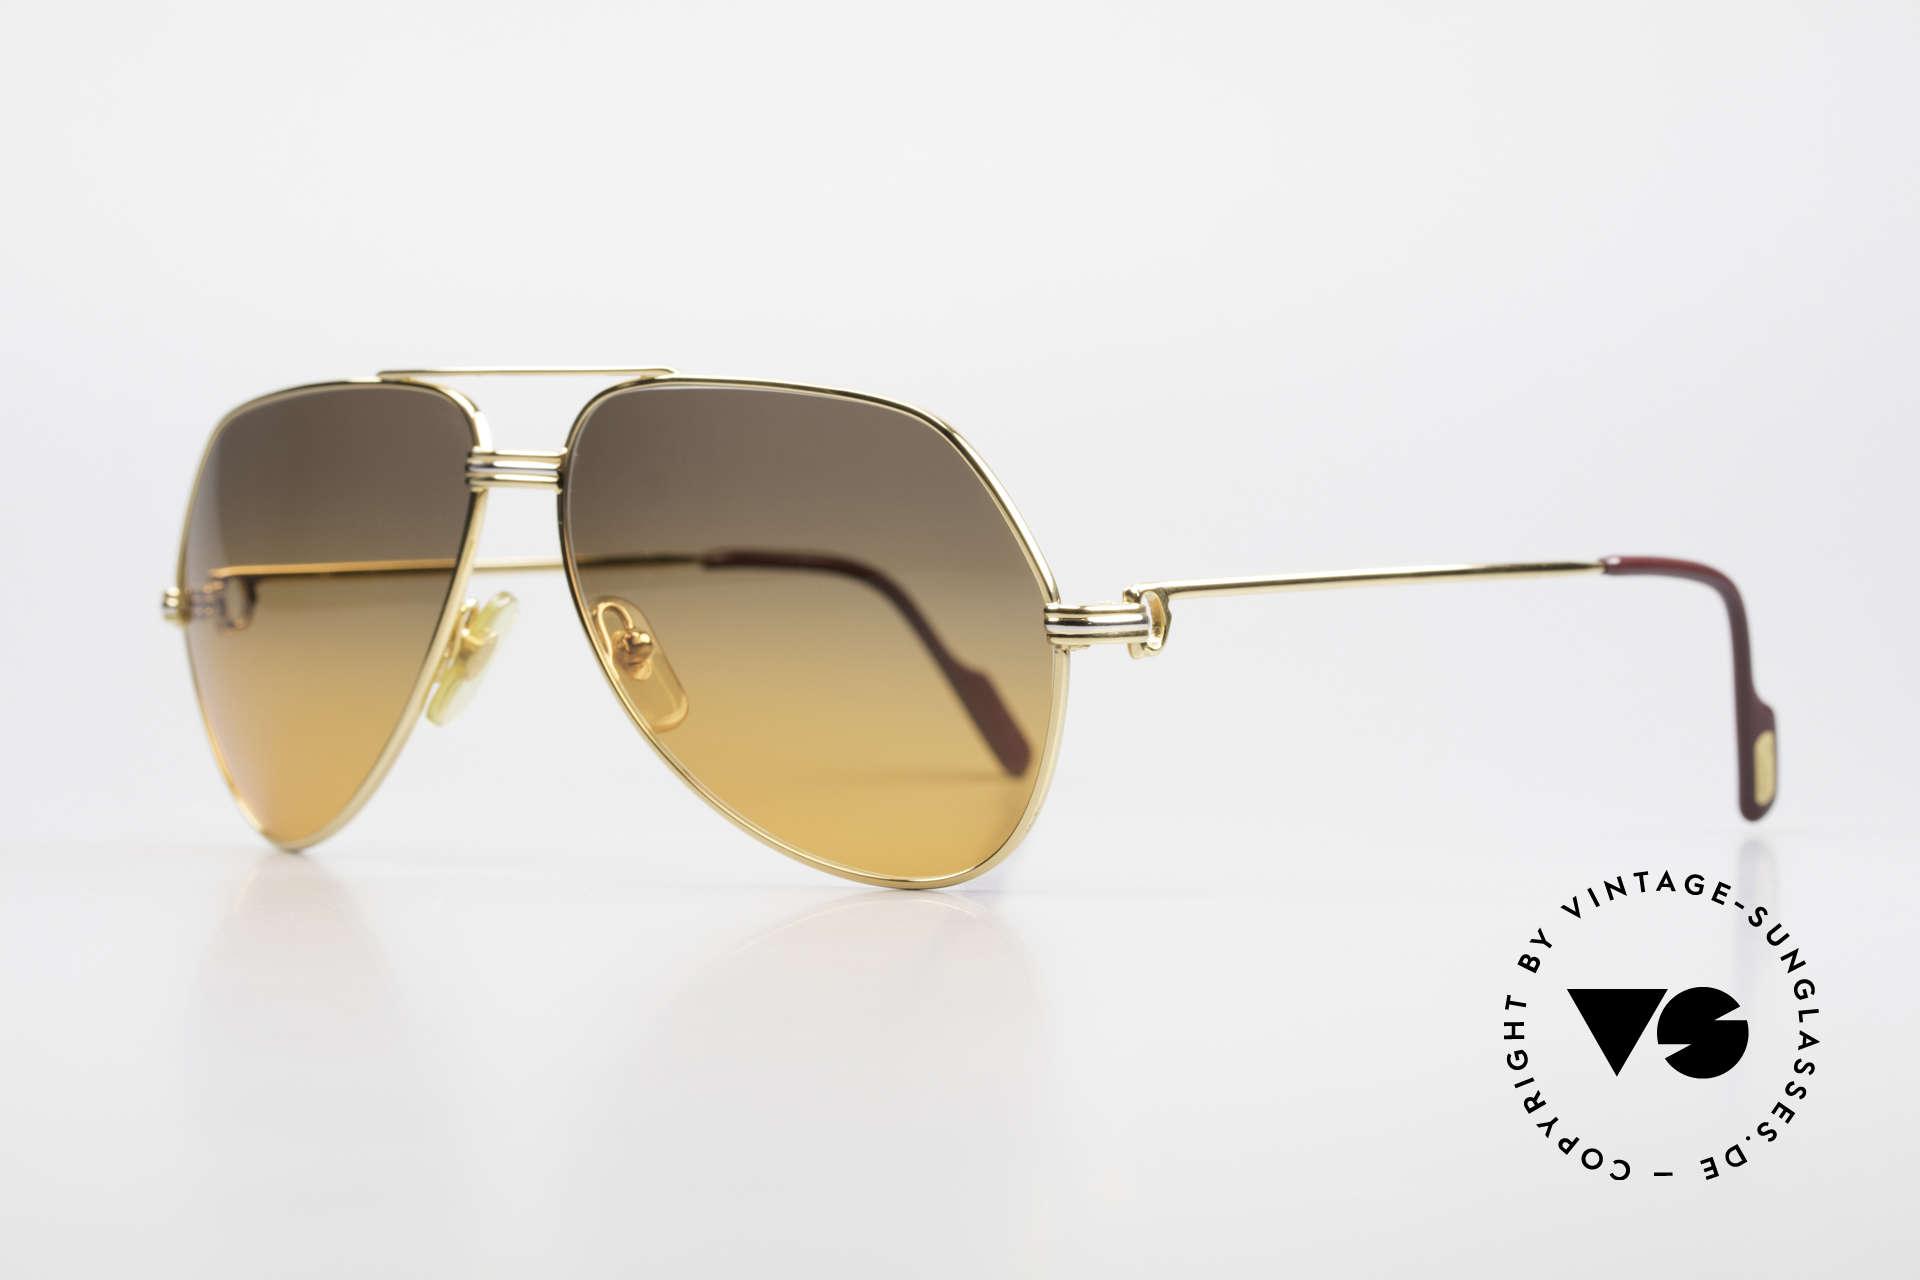 Cartier Vendome LC - M Film-Sonnenbrille Wall Street, dieses Modell mit LC-Dekor in MEDIUM Gr. 59-14, 140, Passend für Herren und Damen